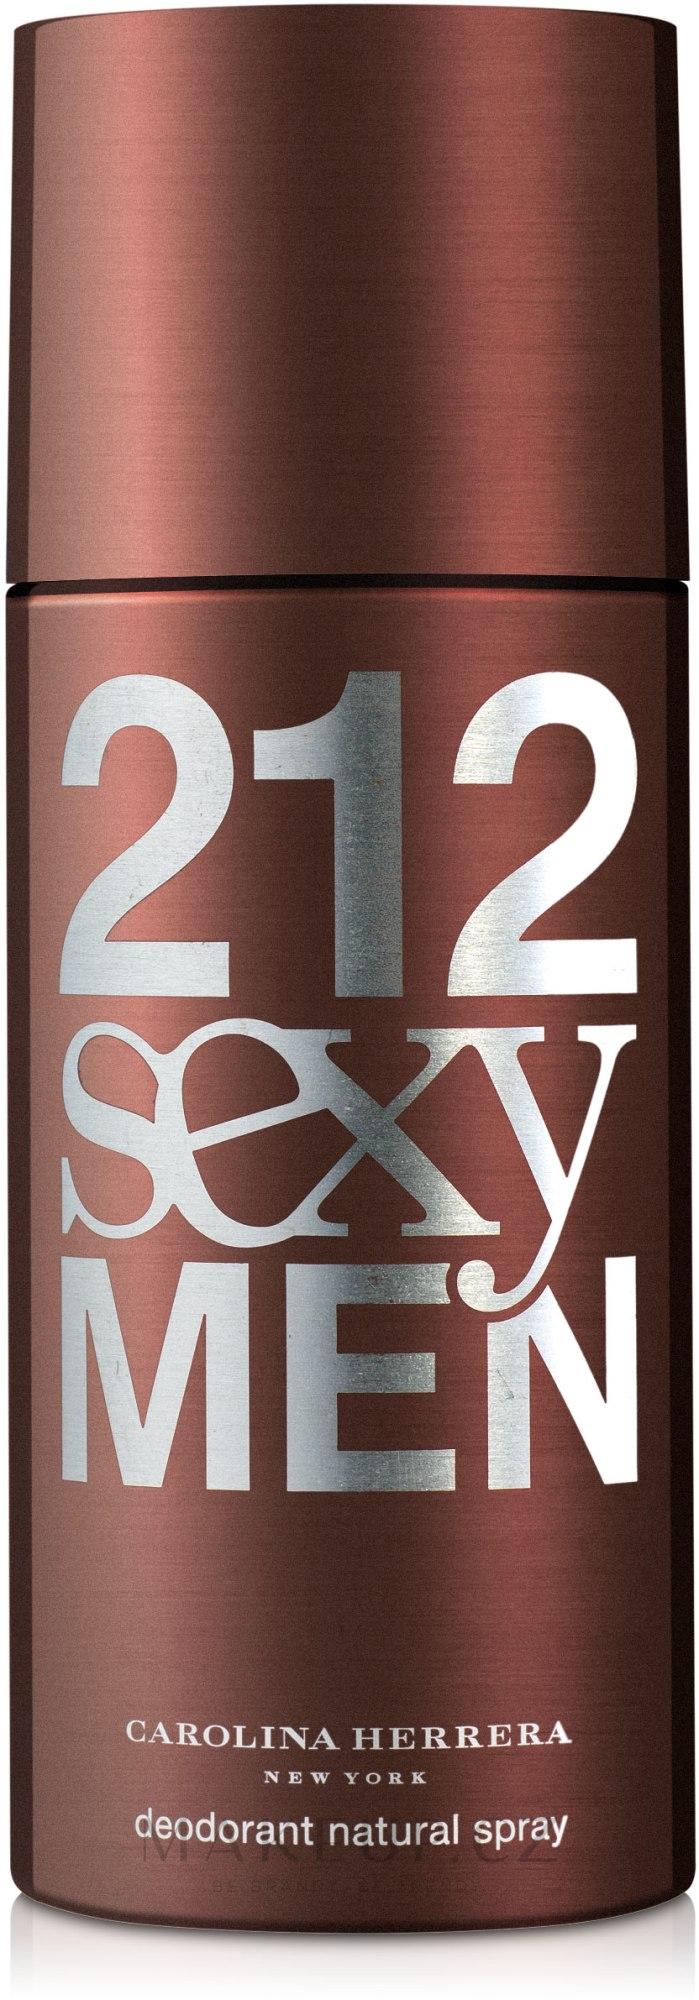 Carolina Herrera 212 Sexy Men - Deodorant — foto 150 ml